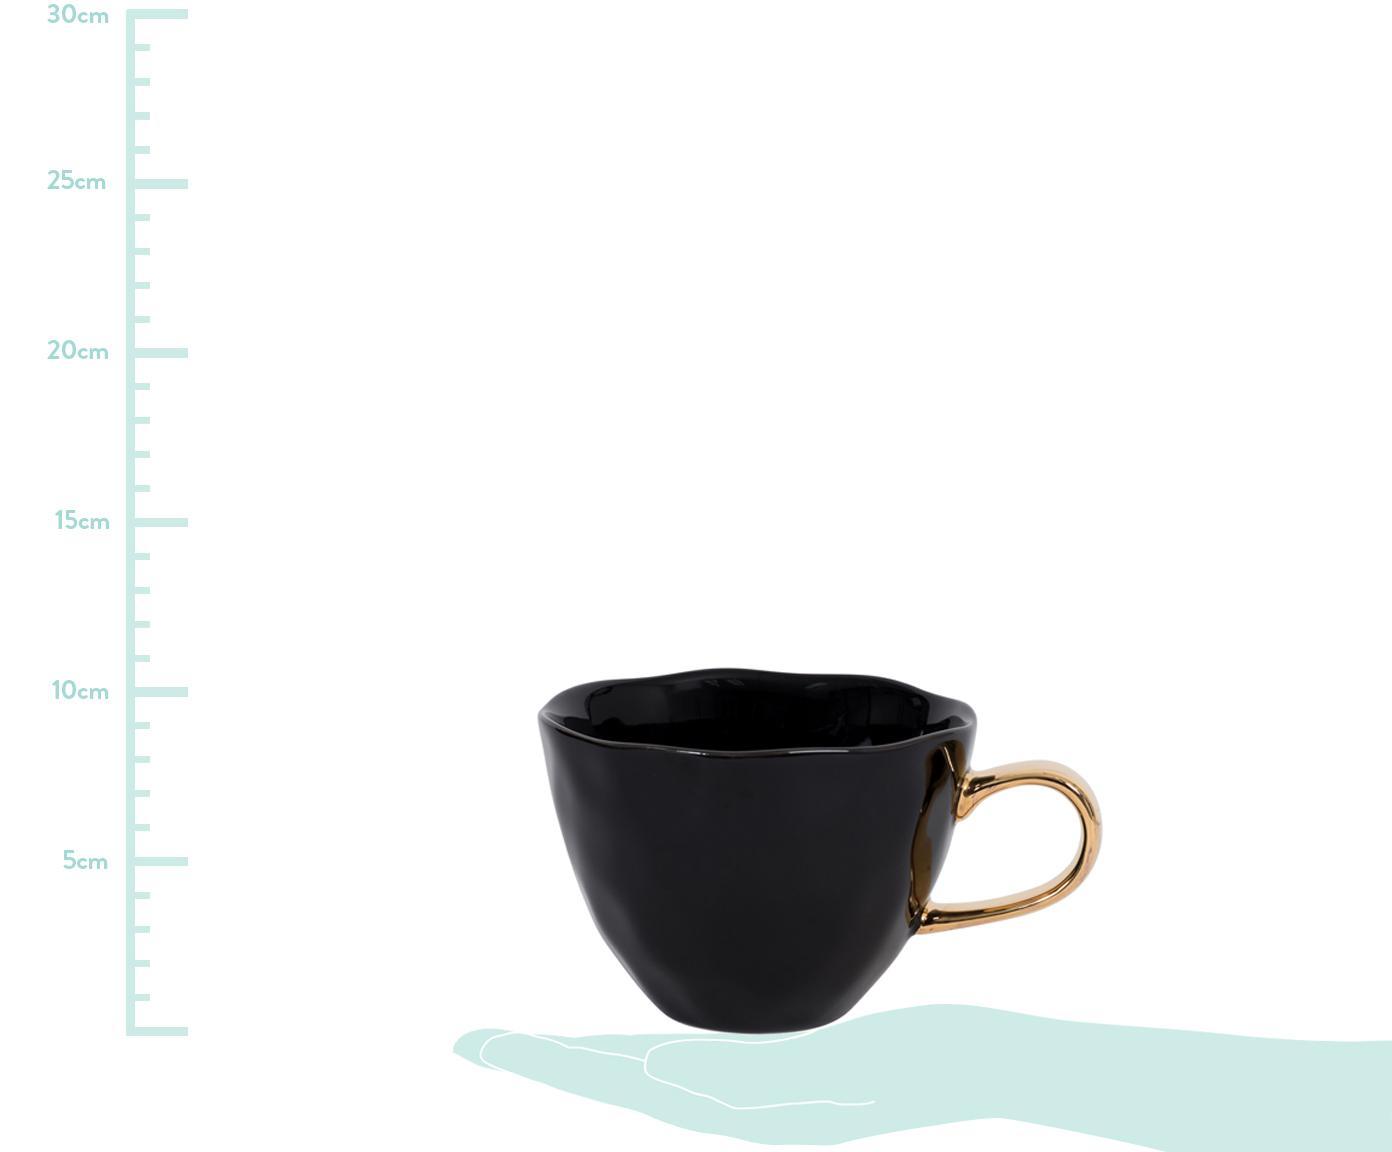 Tasse Good Morning in Schwarz mit goldenem Griff, Steingut, Schwarz, Goldfarben, Ø 11 x H 8 cm